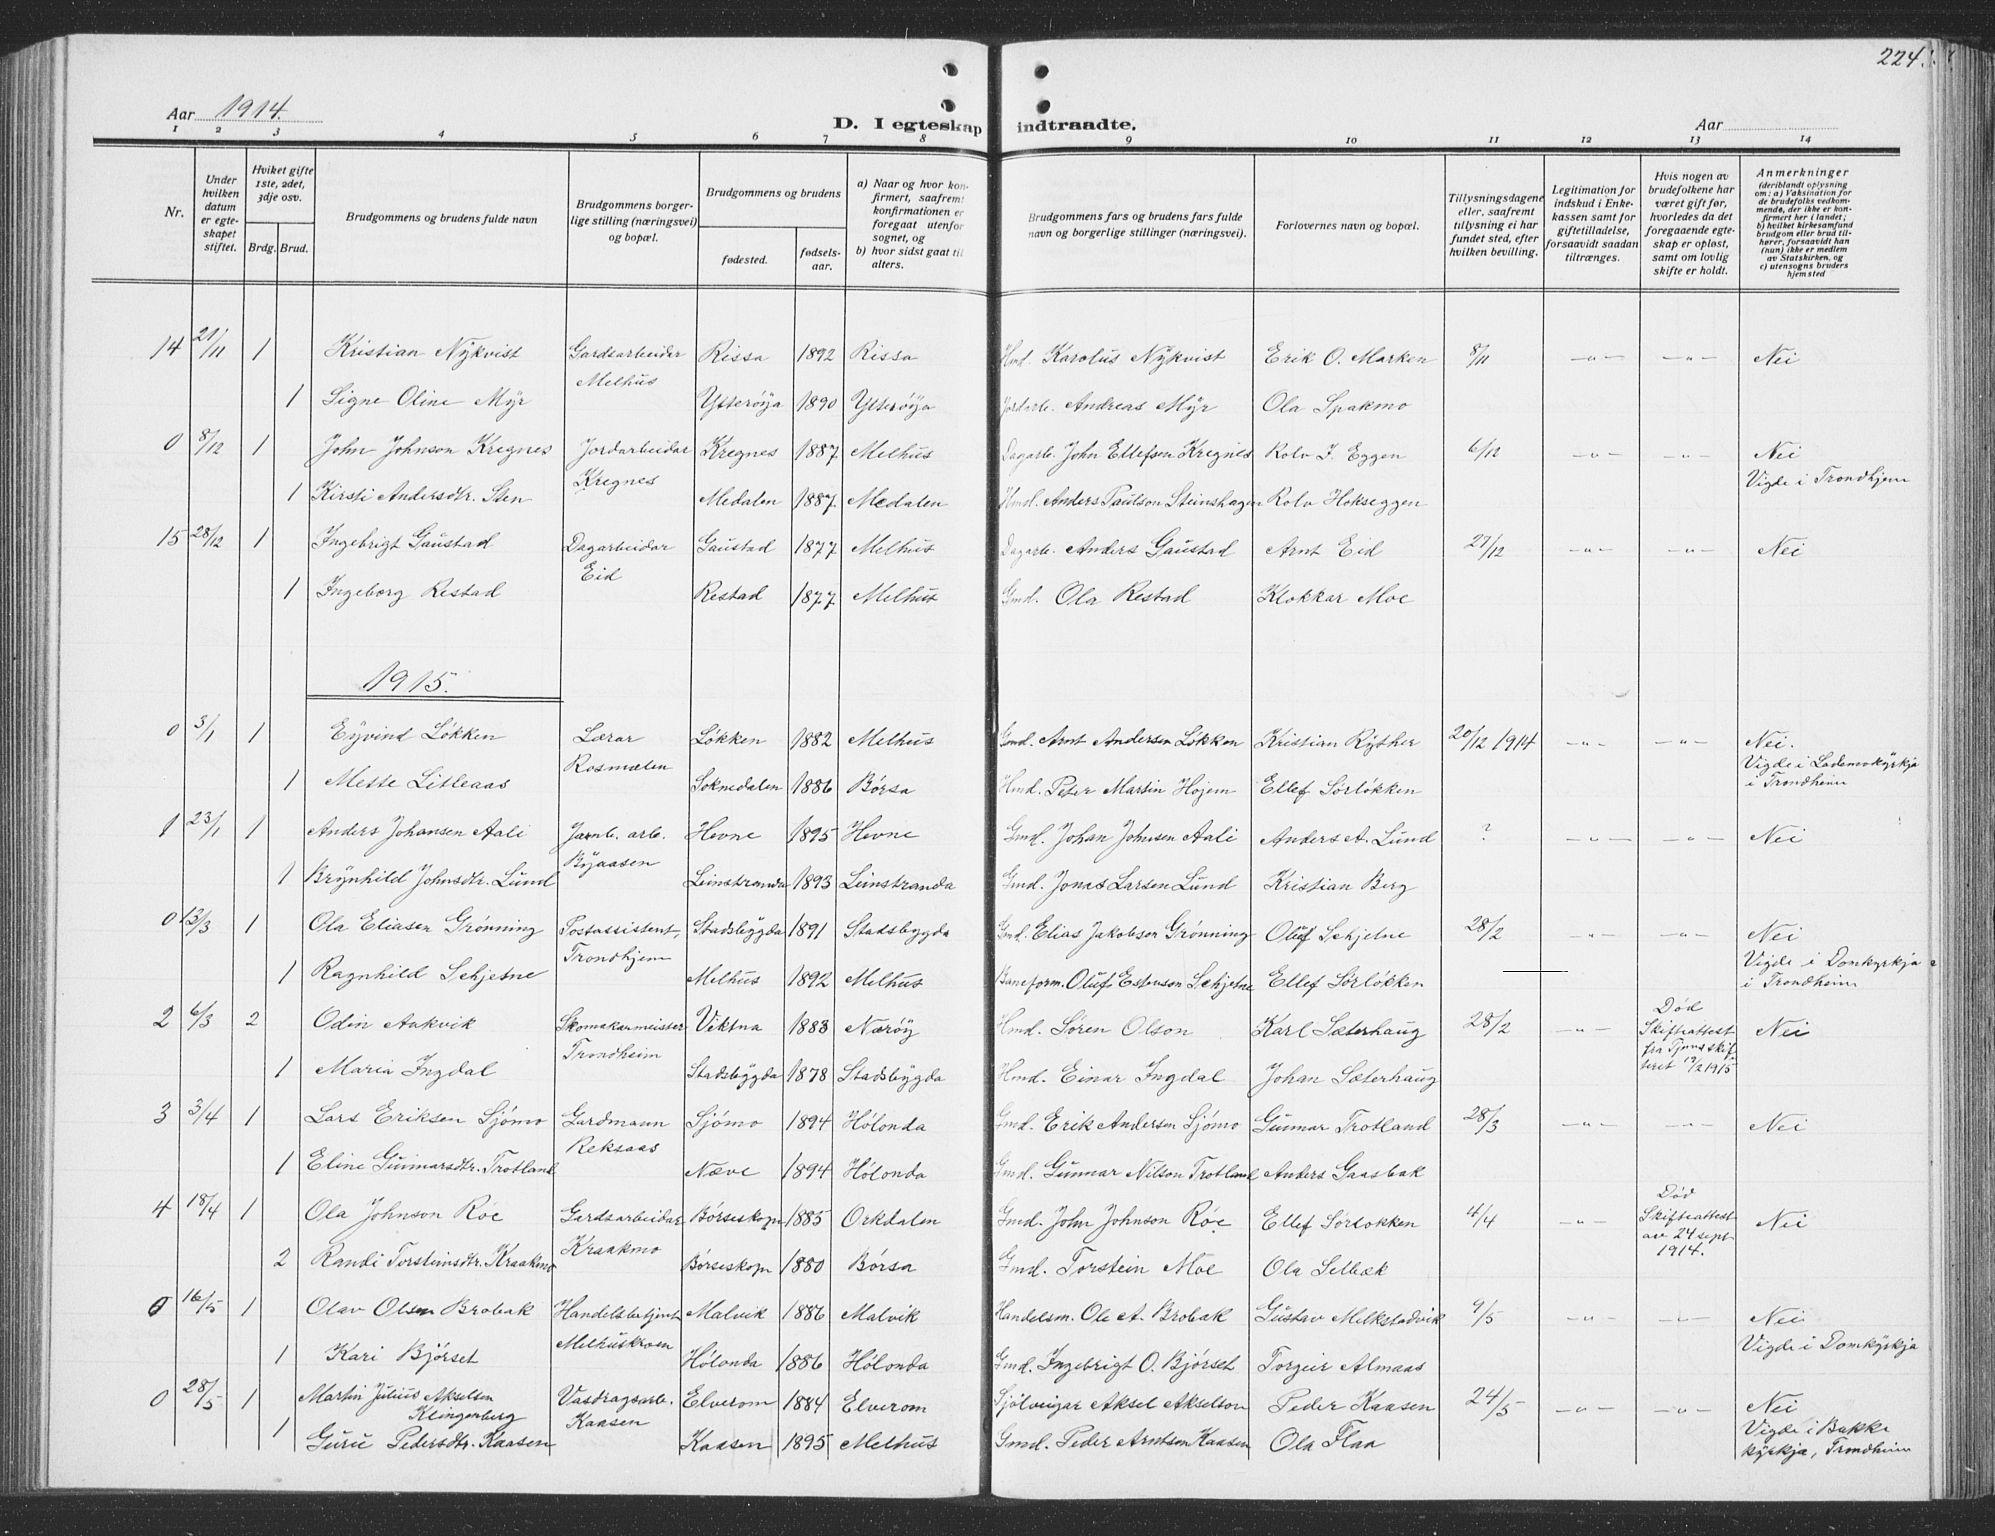 SAT, Ministerialprotokoller, klokkerbøker og fødselsregistre - Sør-Trøndelag, 691/L1095: Klokkerbok nr. 691C06, 1912-1933, s. 224